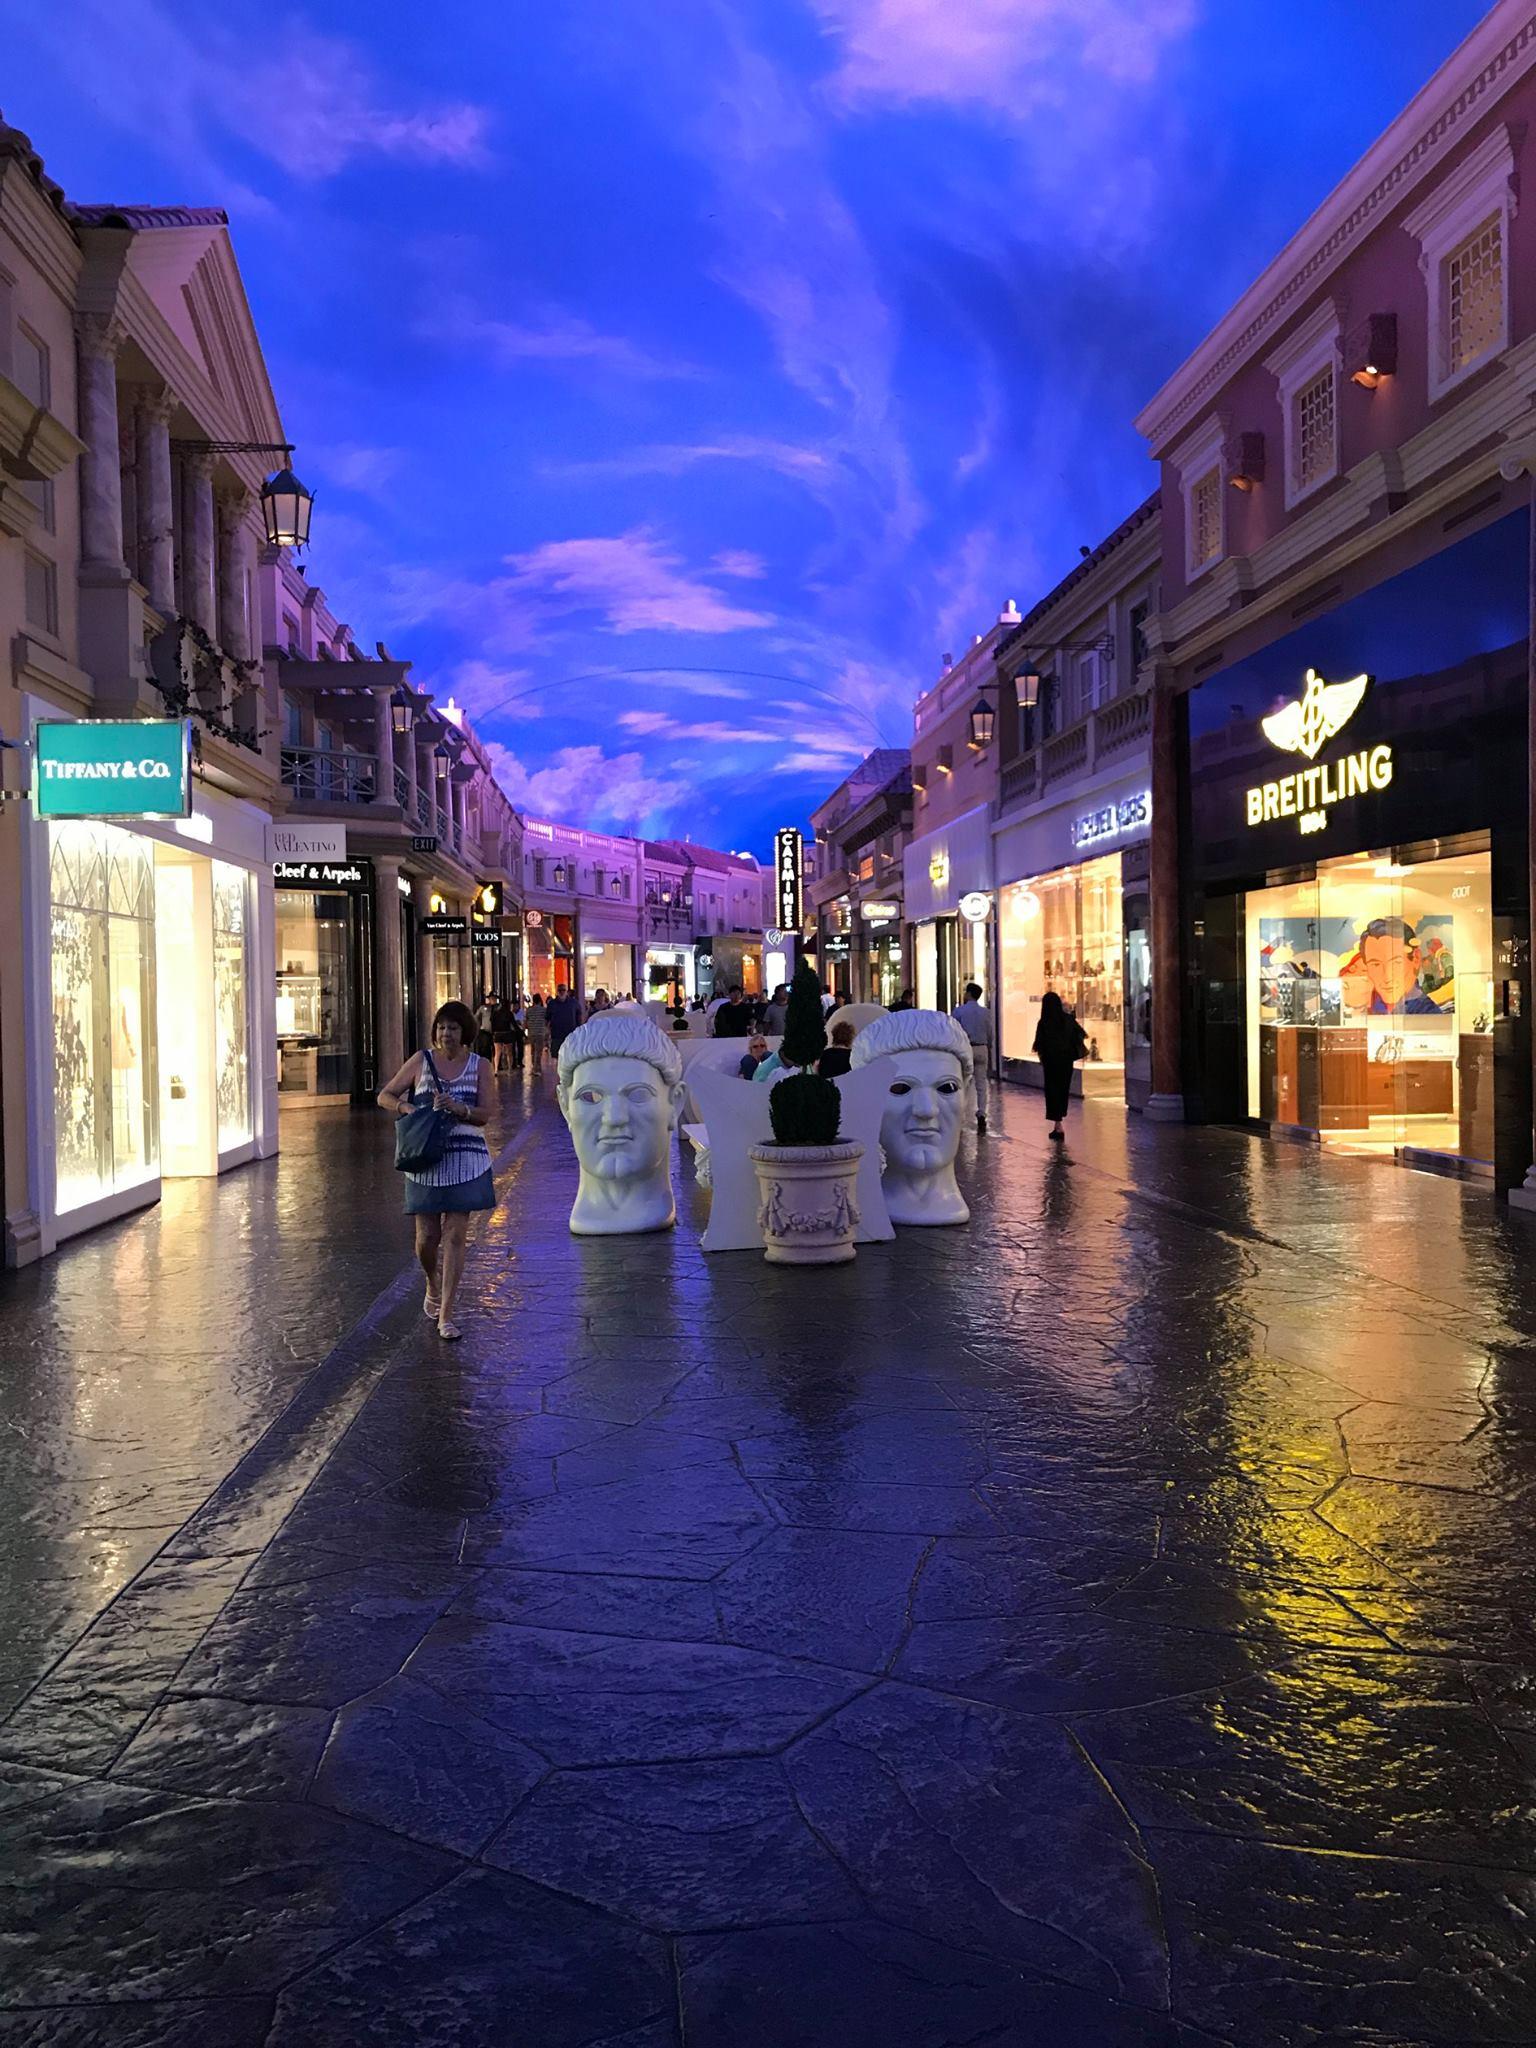 Forum Shops walkway